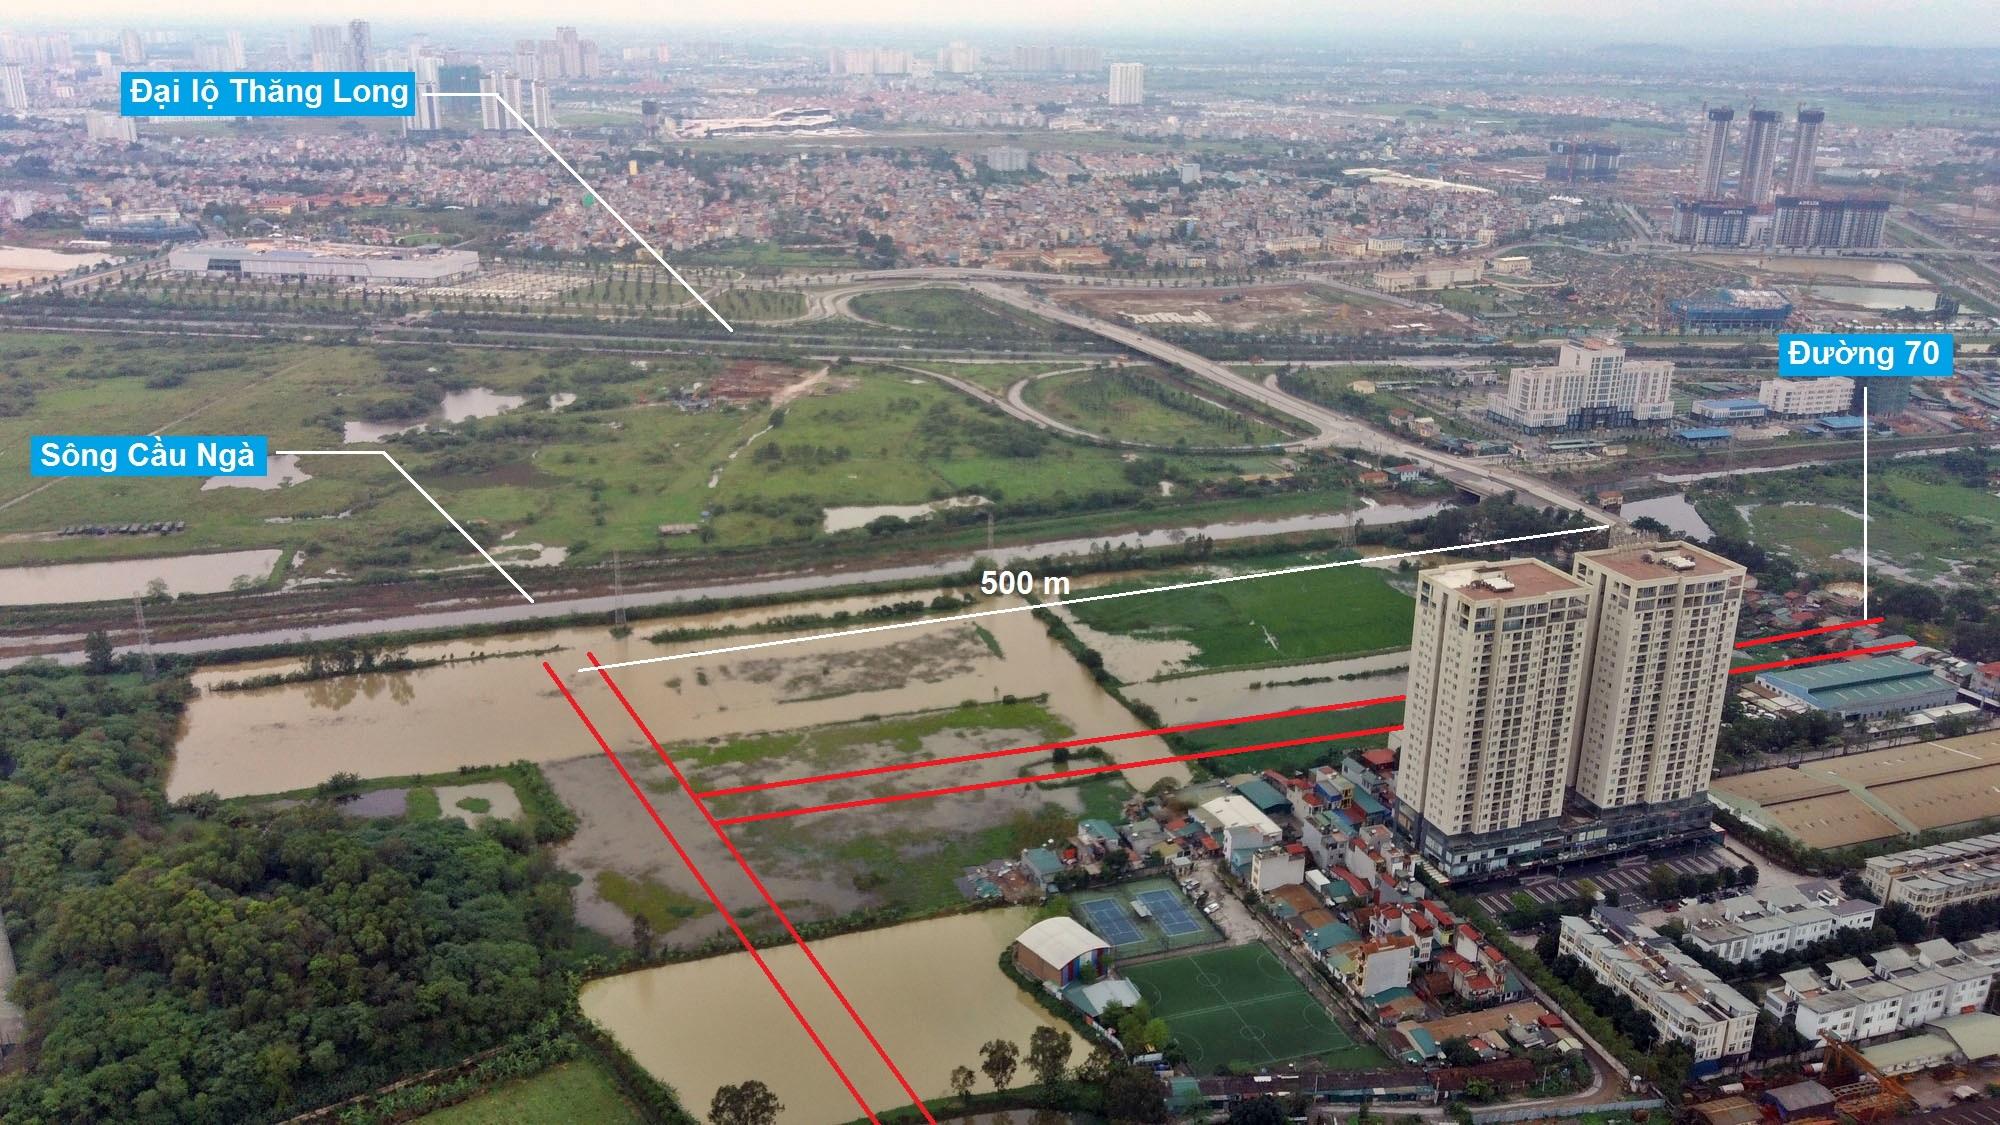 Ba đường sẽ mở theo qui hoạch ở phường Tây Mỗ, Nam Từ Liêm, Hà Nội (phần 2) - Ảnh 11.